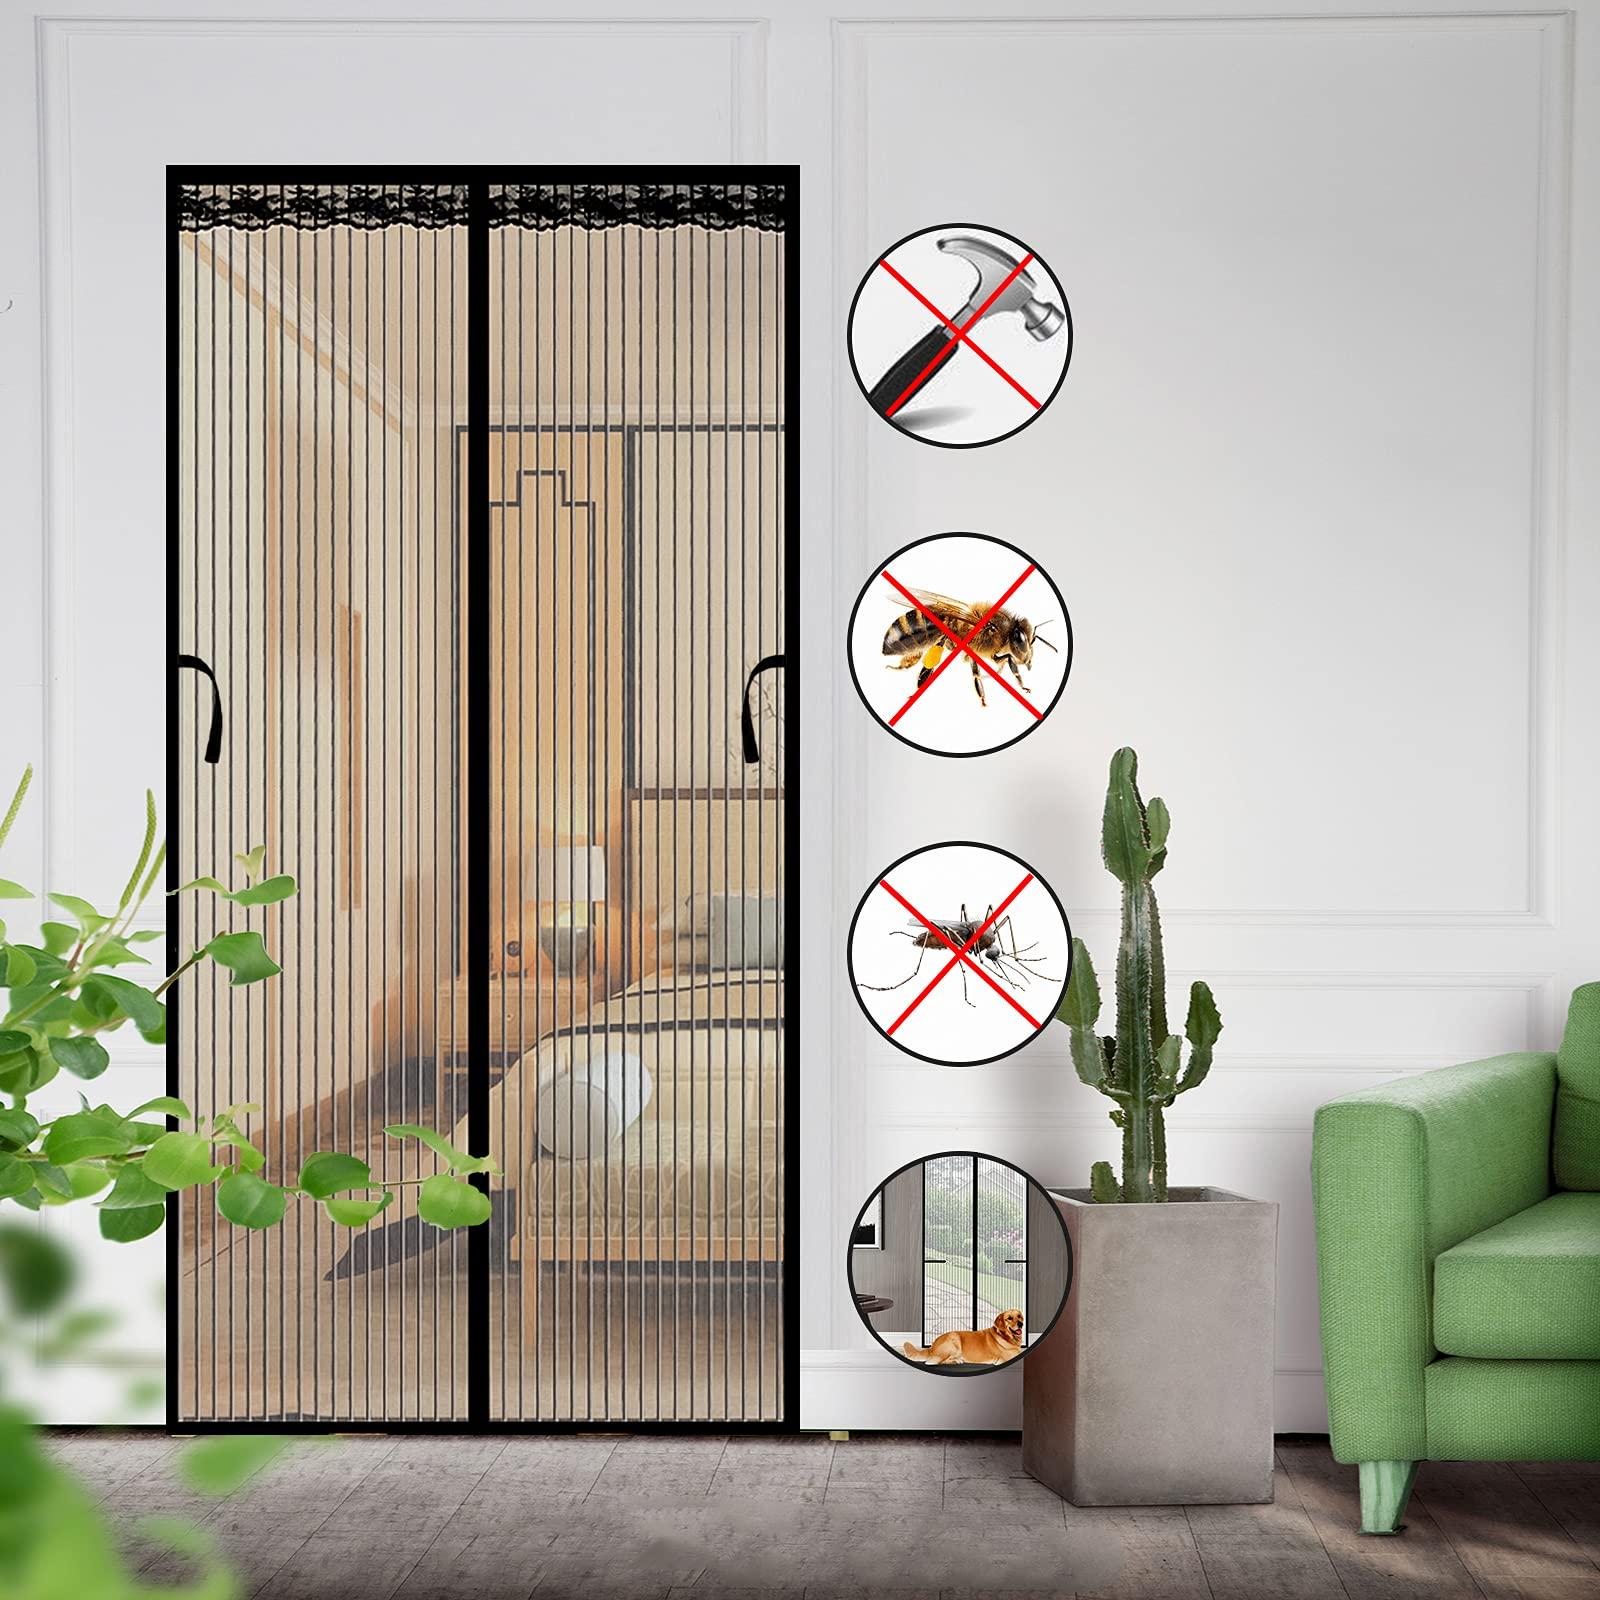 Magnetic Screen Door 39×83 inch Durable Mesh Curtain Door Net Screen with